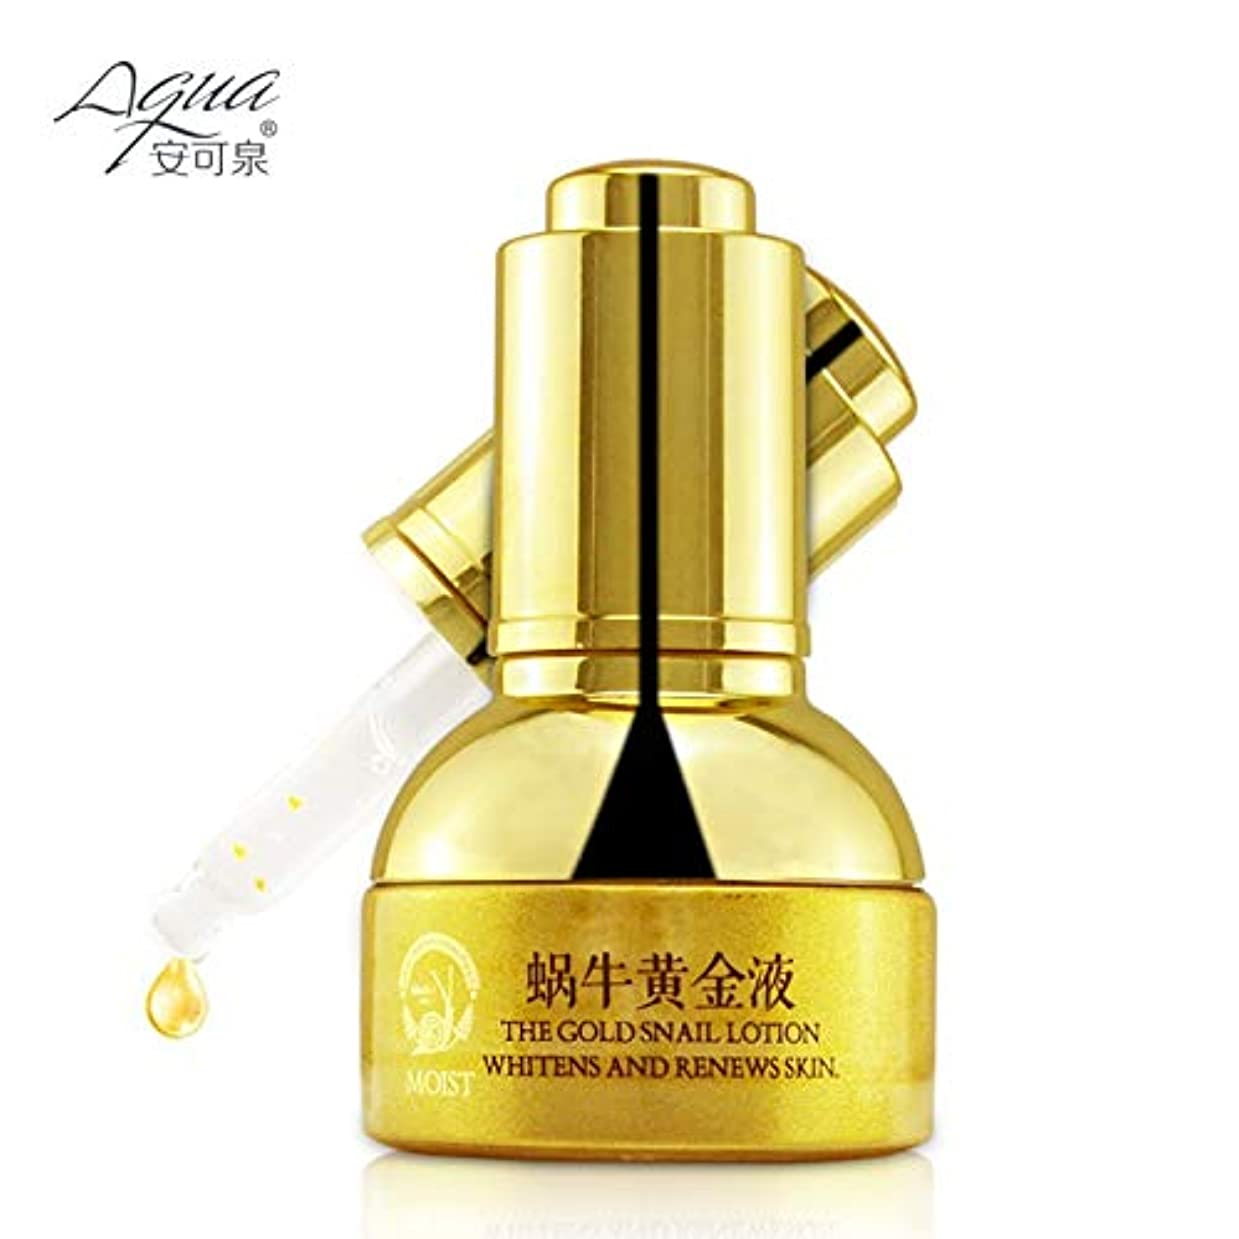 コンテストドリンク分子ケアカタツムリエッセンスデイクリームアンチリンクルフェイスコラーゲン寧保湿性液体の美し熱い販売:中国